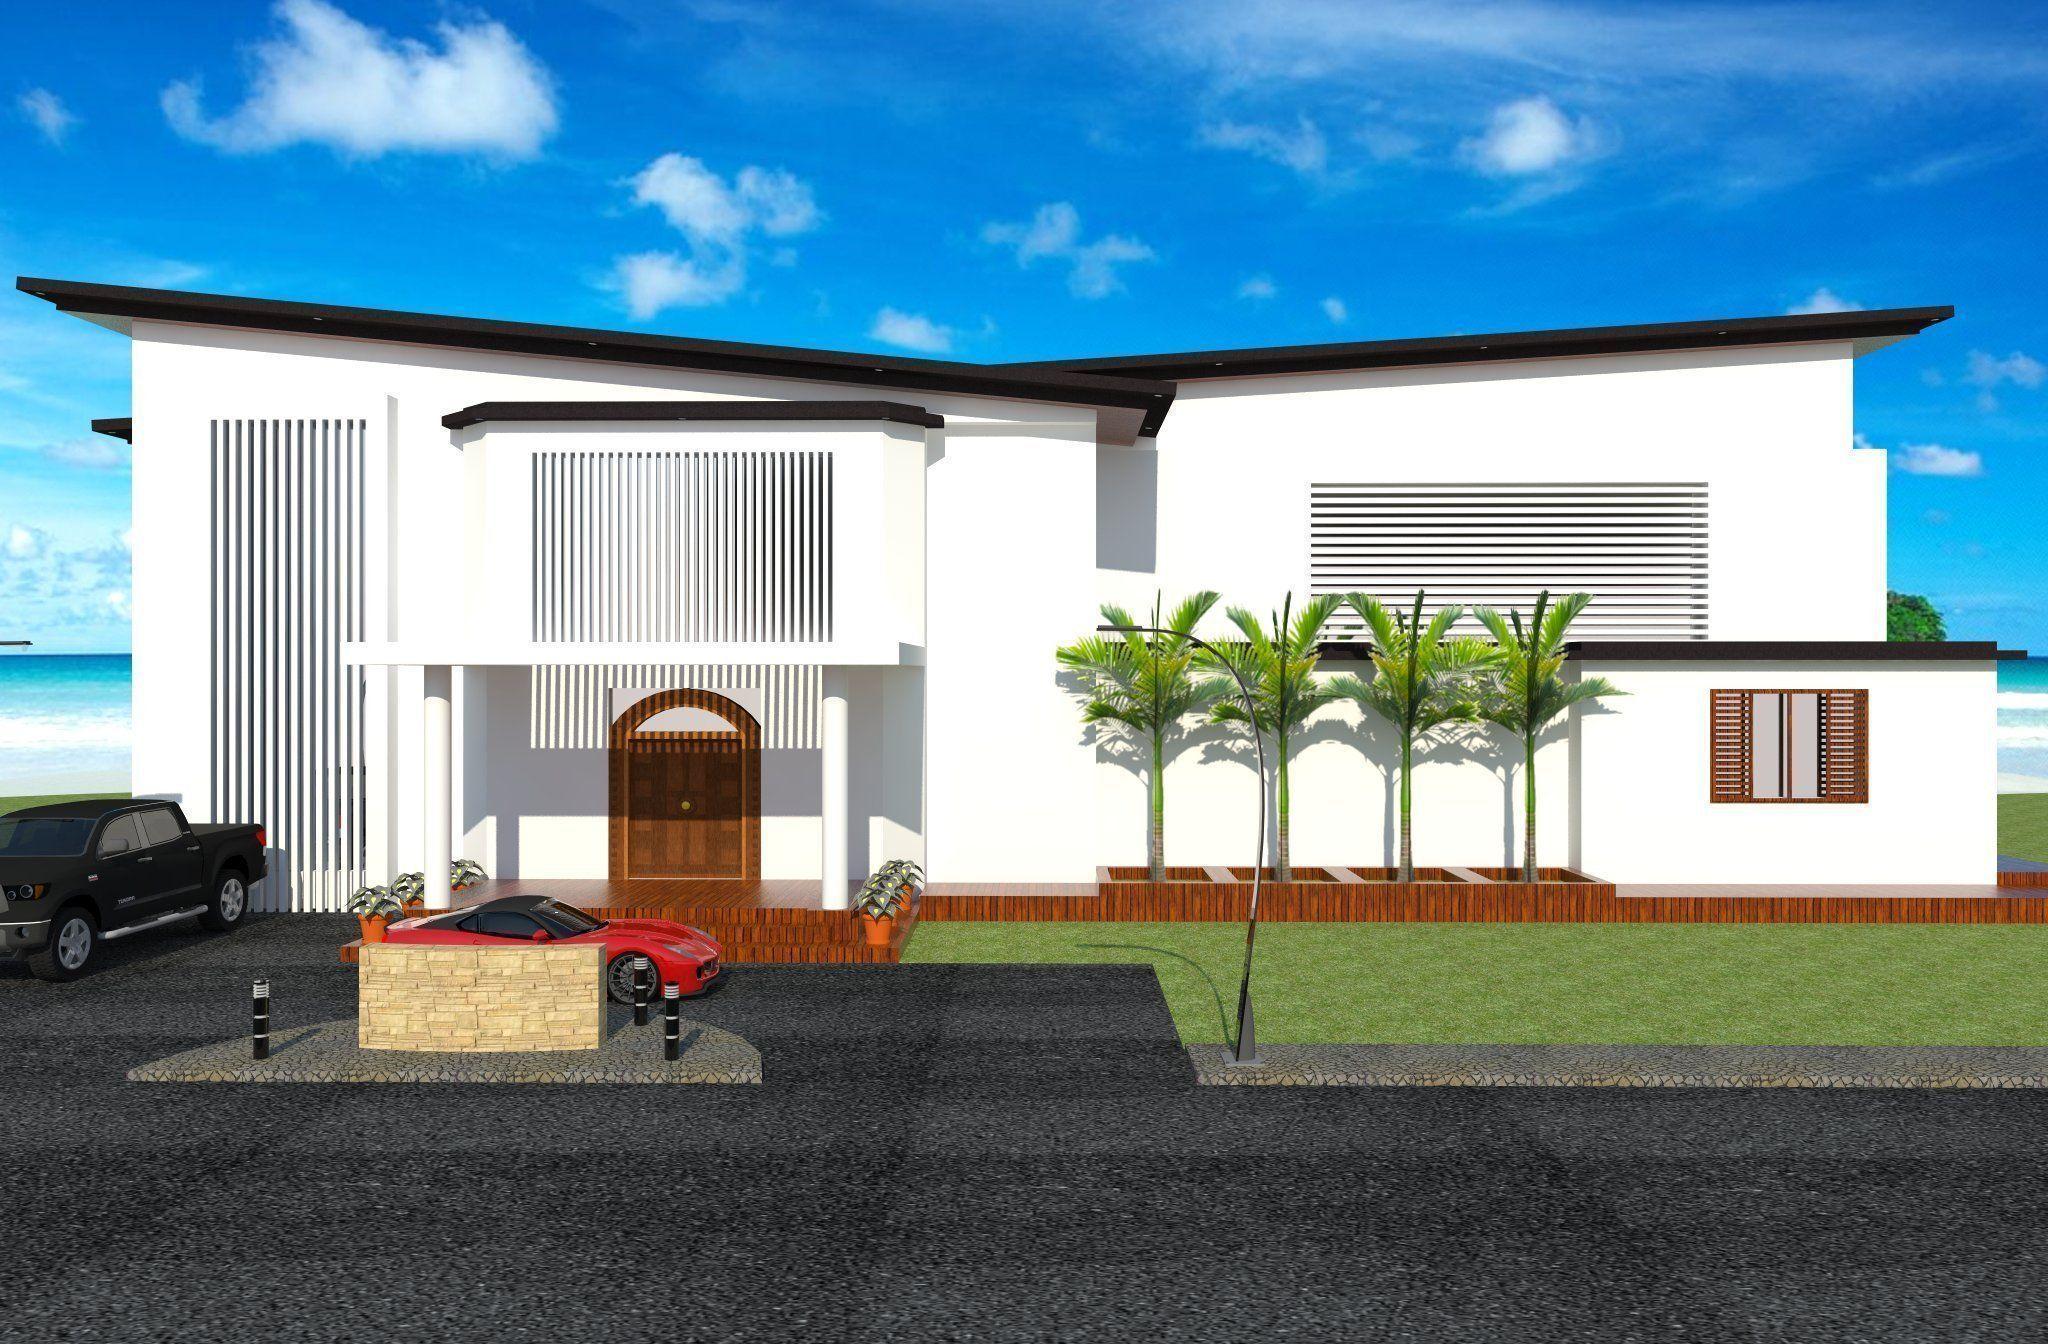 Beach house design 3d model for House designs 3d model